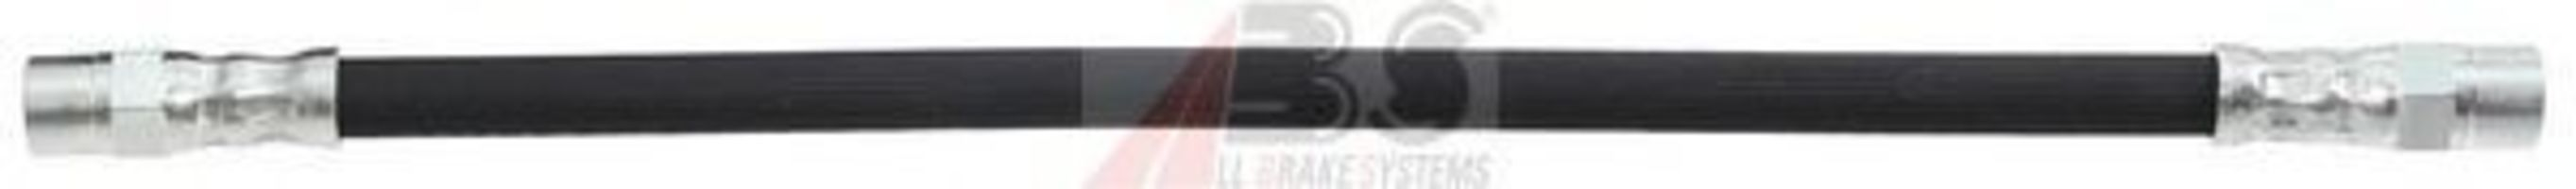 Шланг тормозной A.B.S. SL 2187